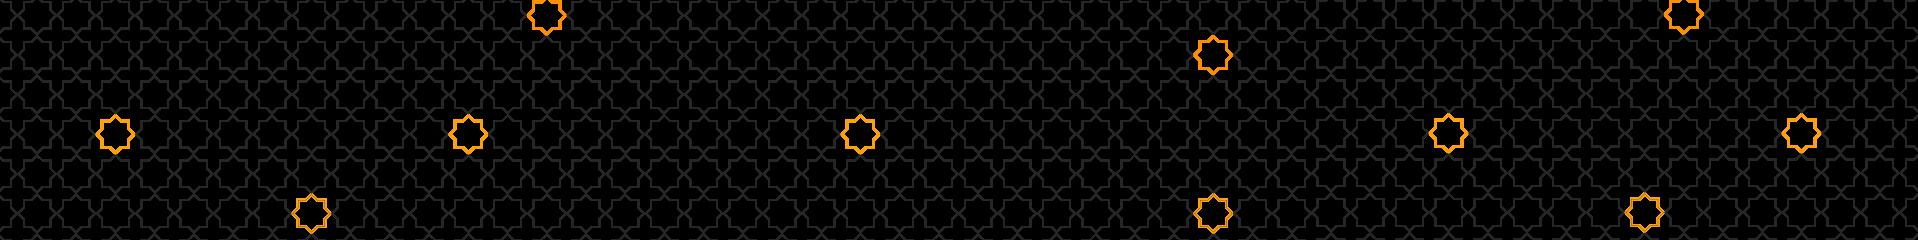 estrellas - Mejor jamón de Teruel